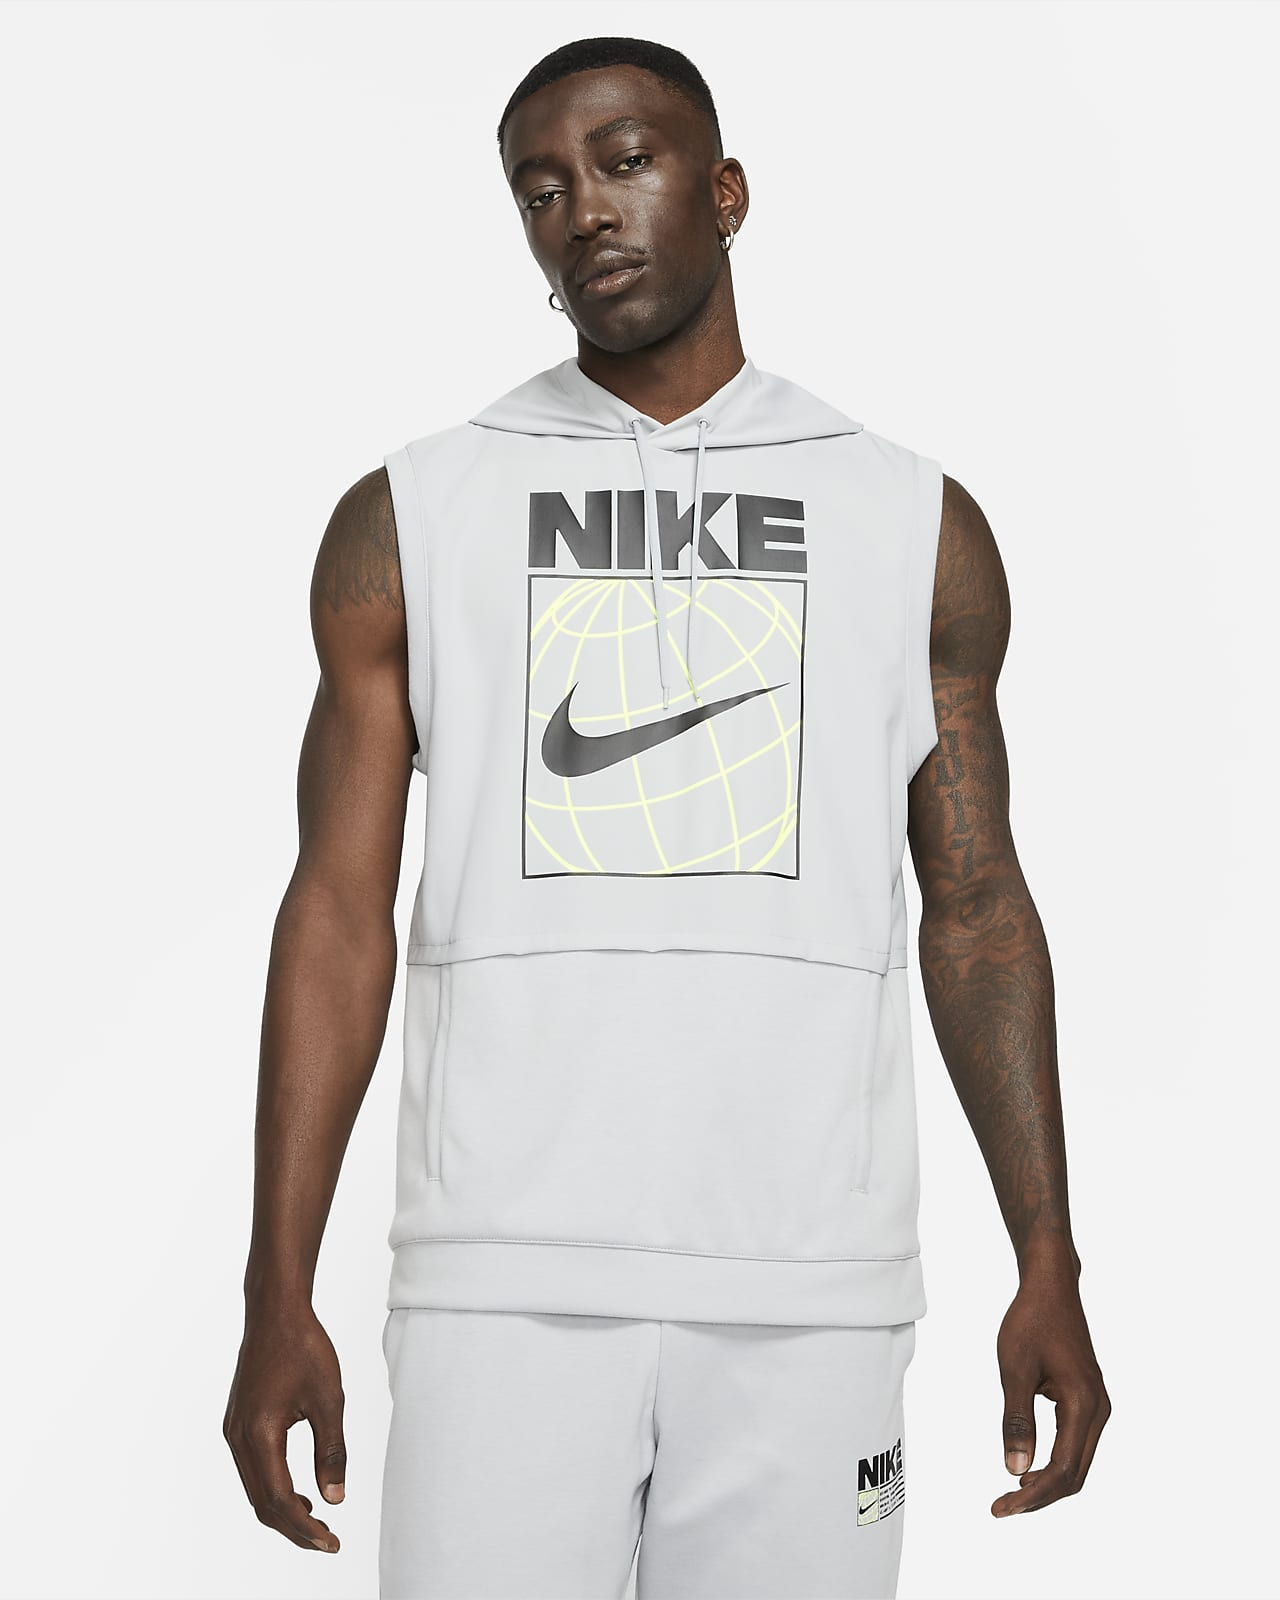 Nike Dri-FIT Men's Sleeveless Graphic Training Hoodie